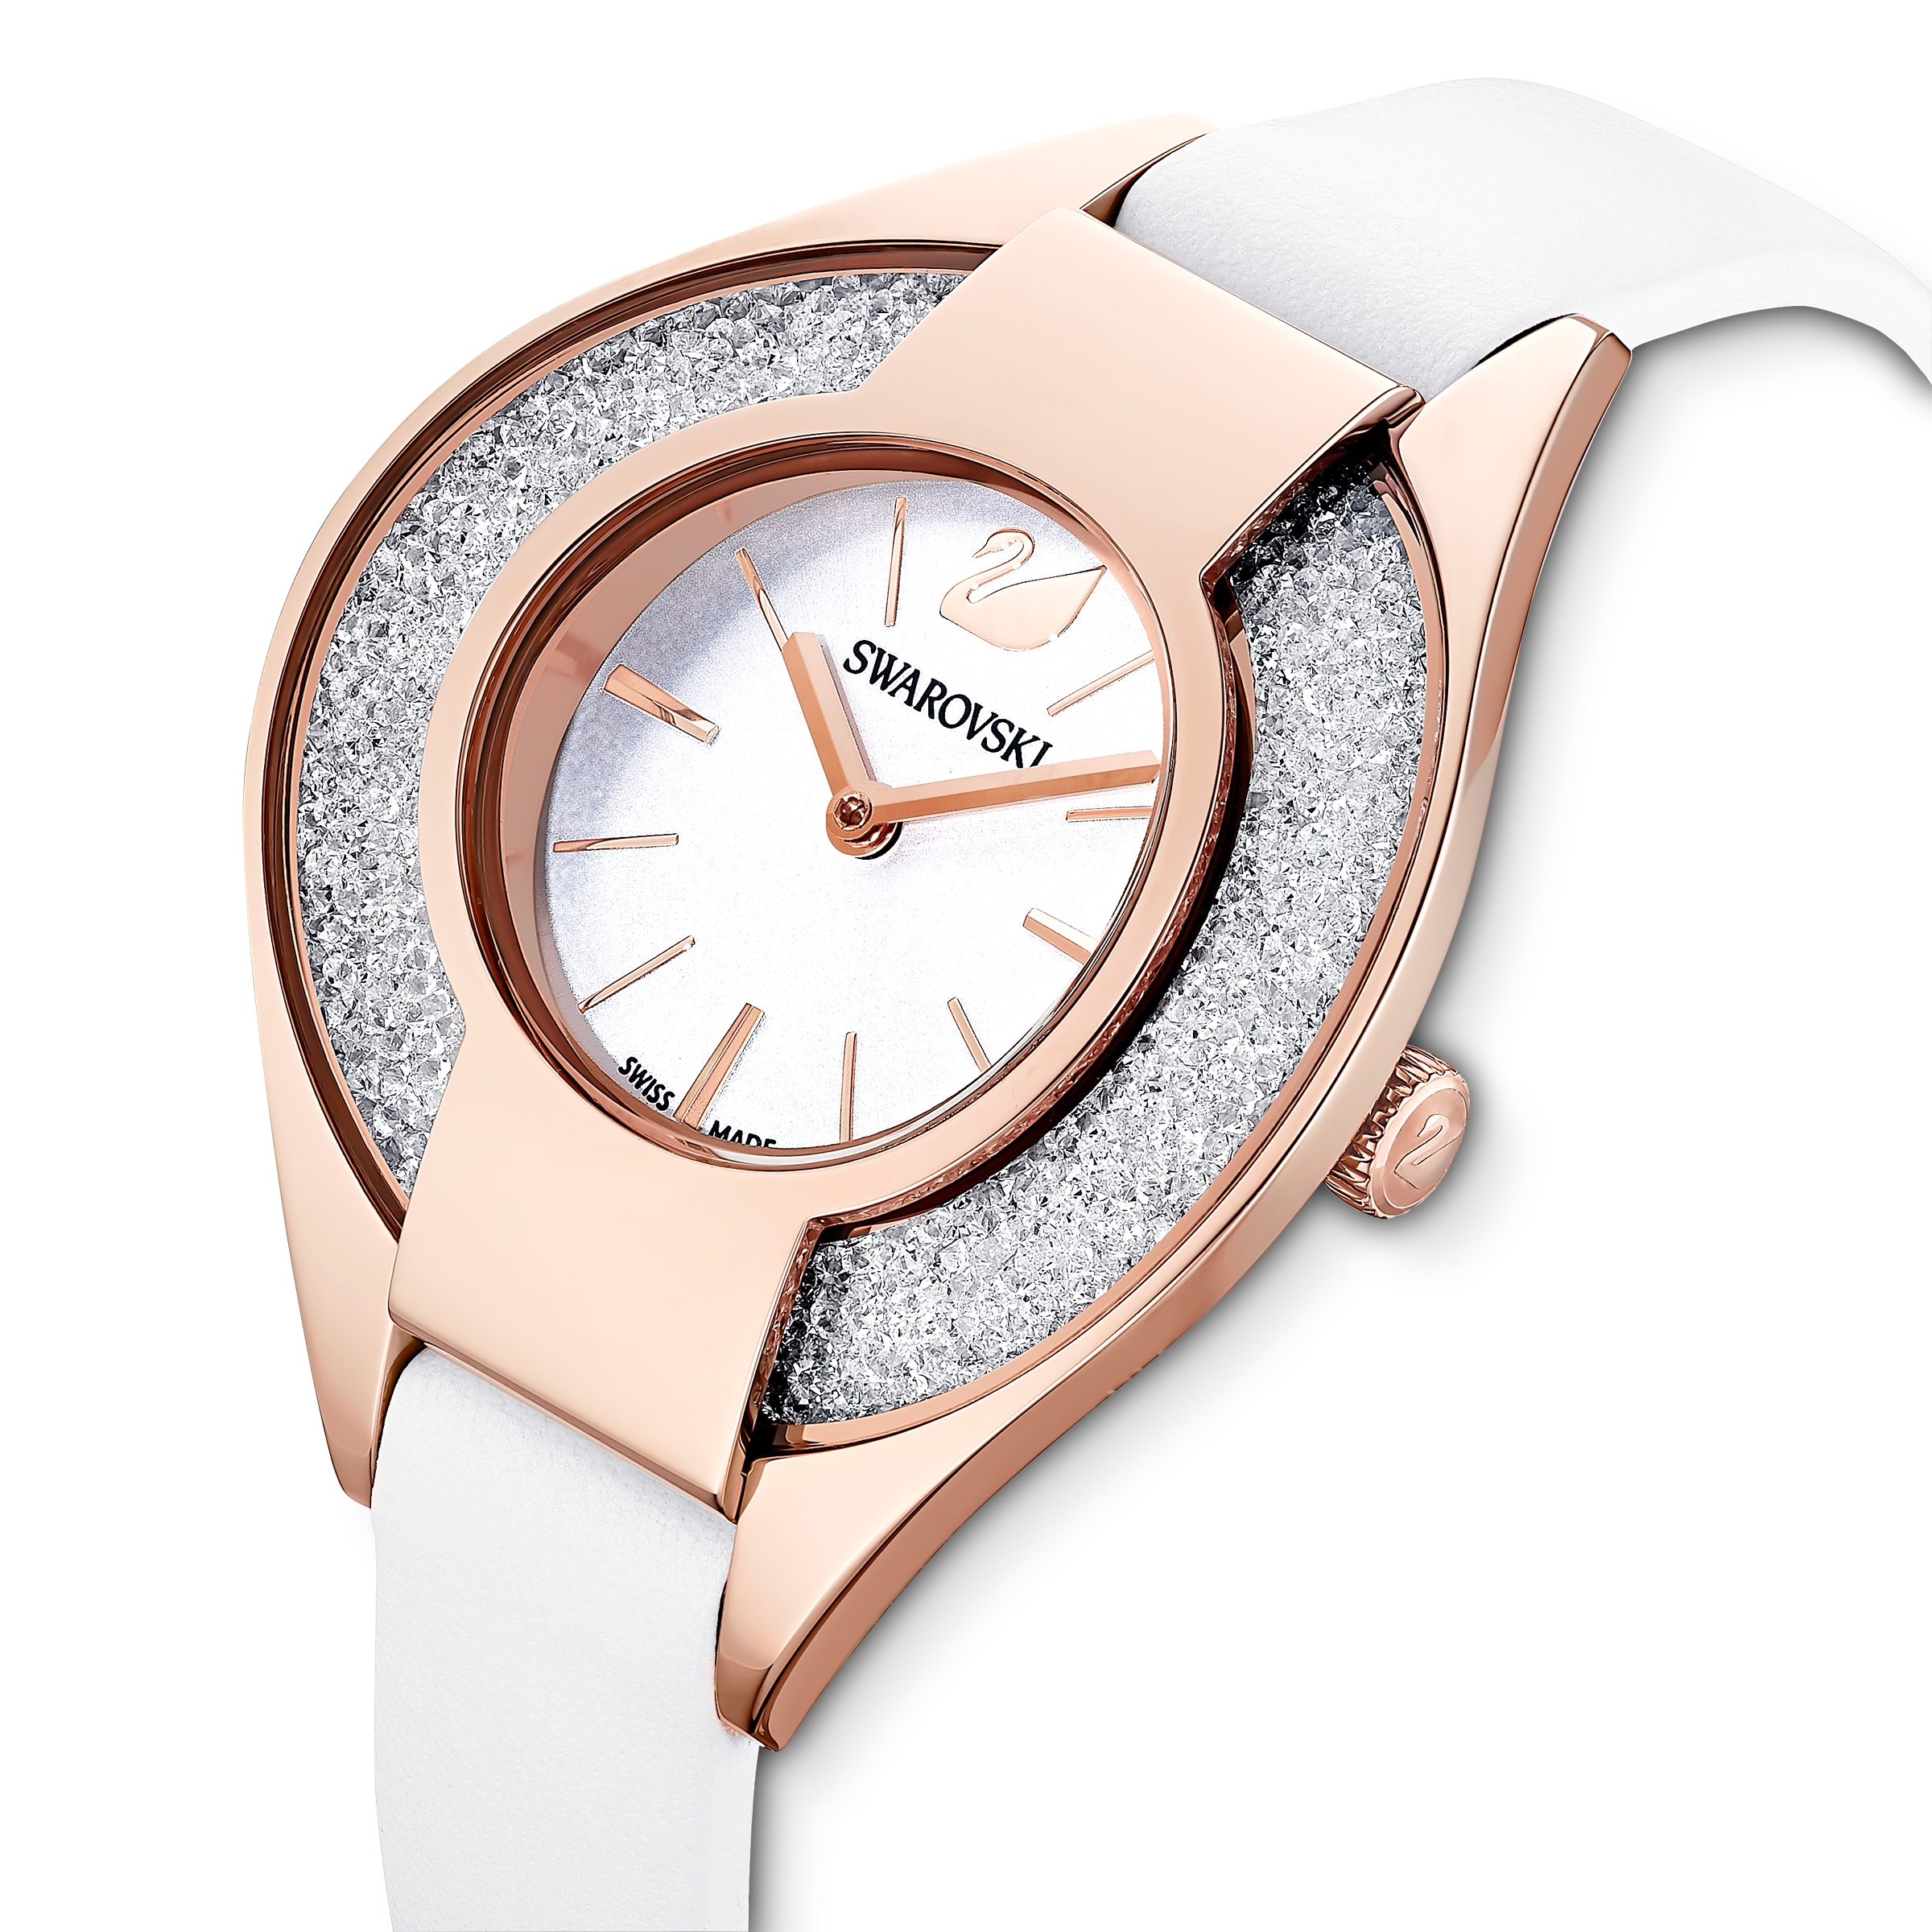 ساعة Crystalline Sporty، سوار جلد، لون أبيض، طلاء ذهبي وردي بتقنية PVD